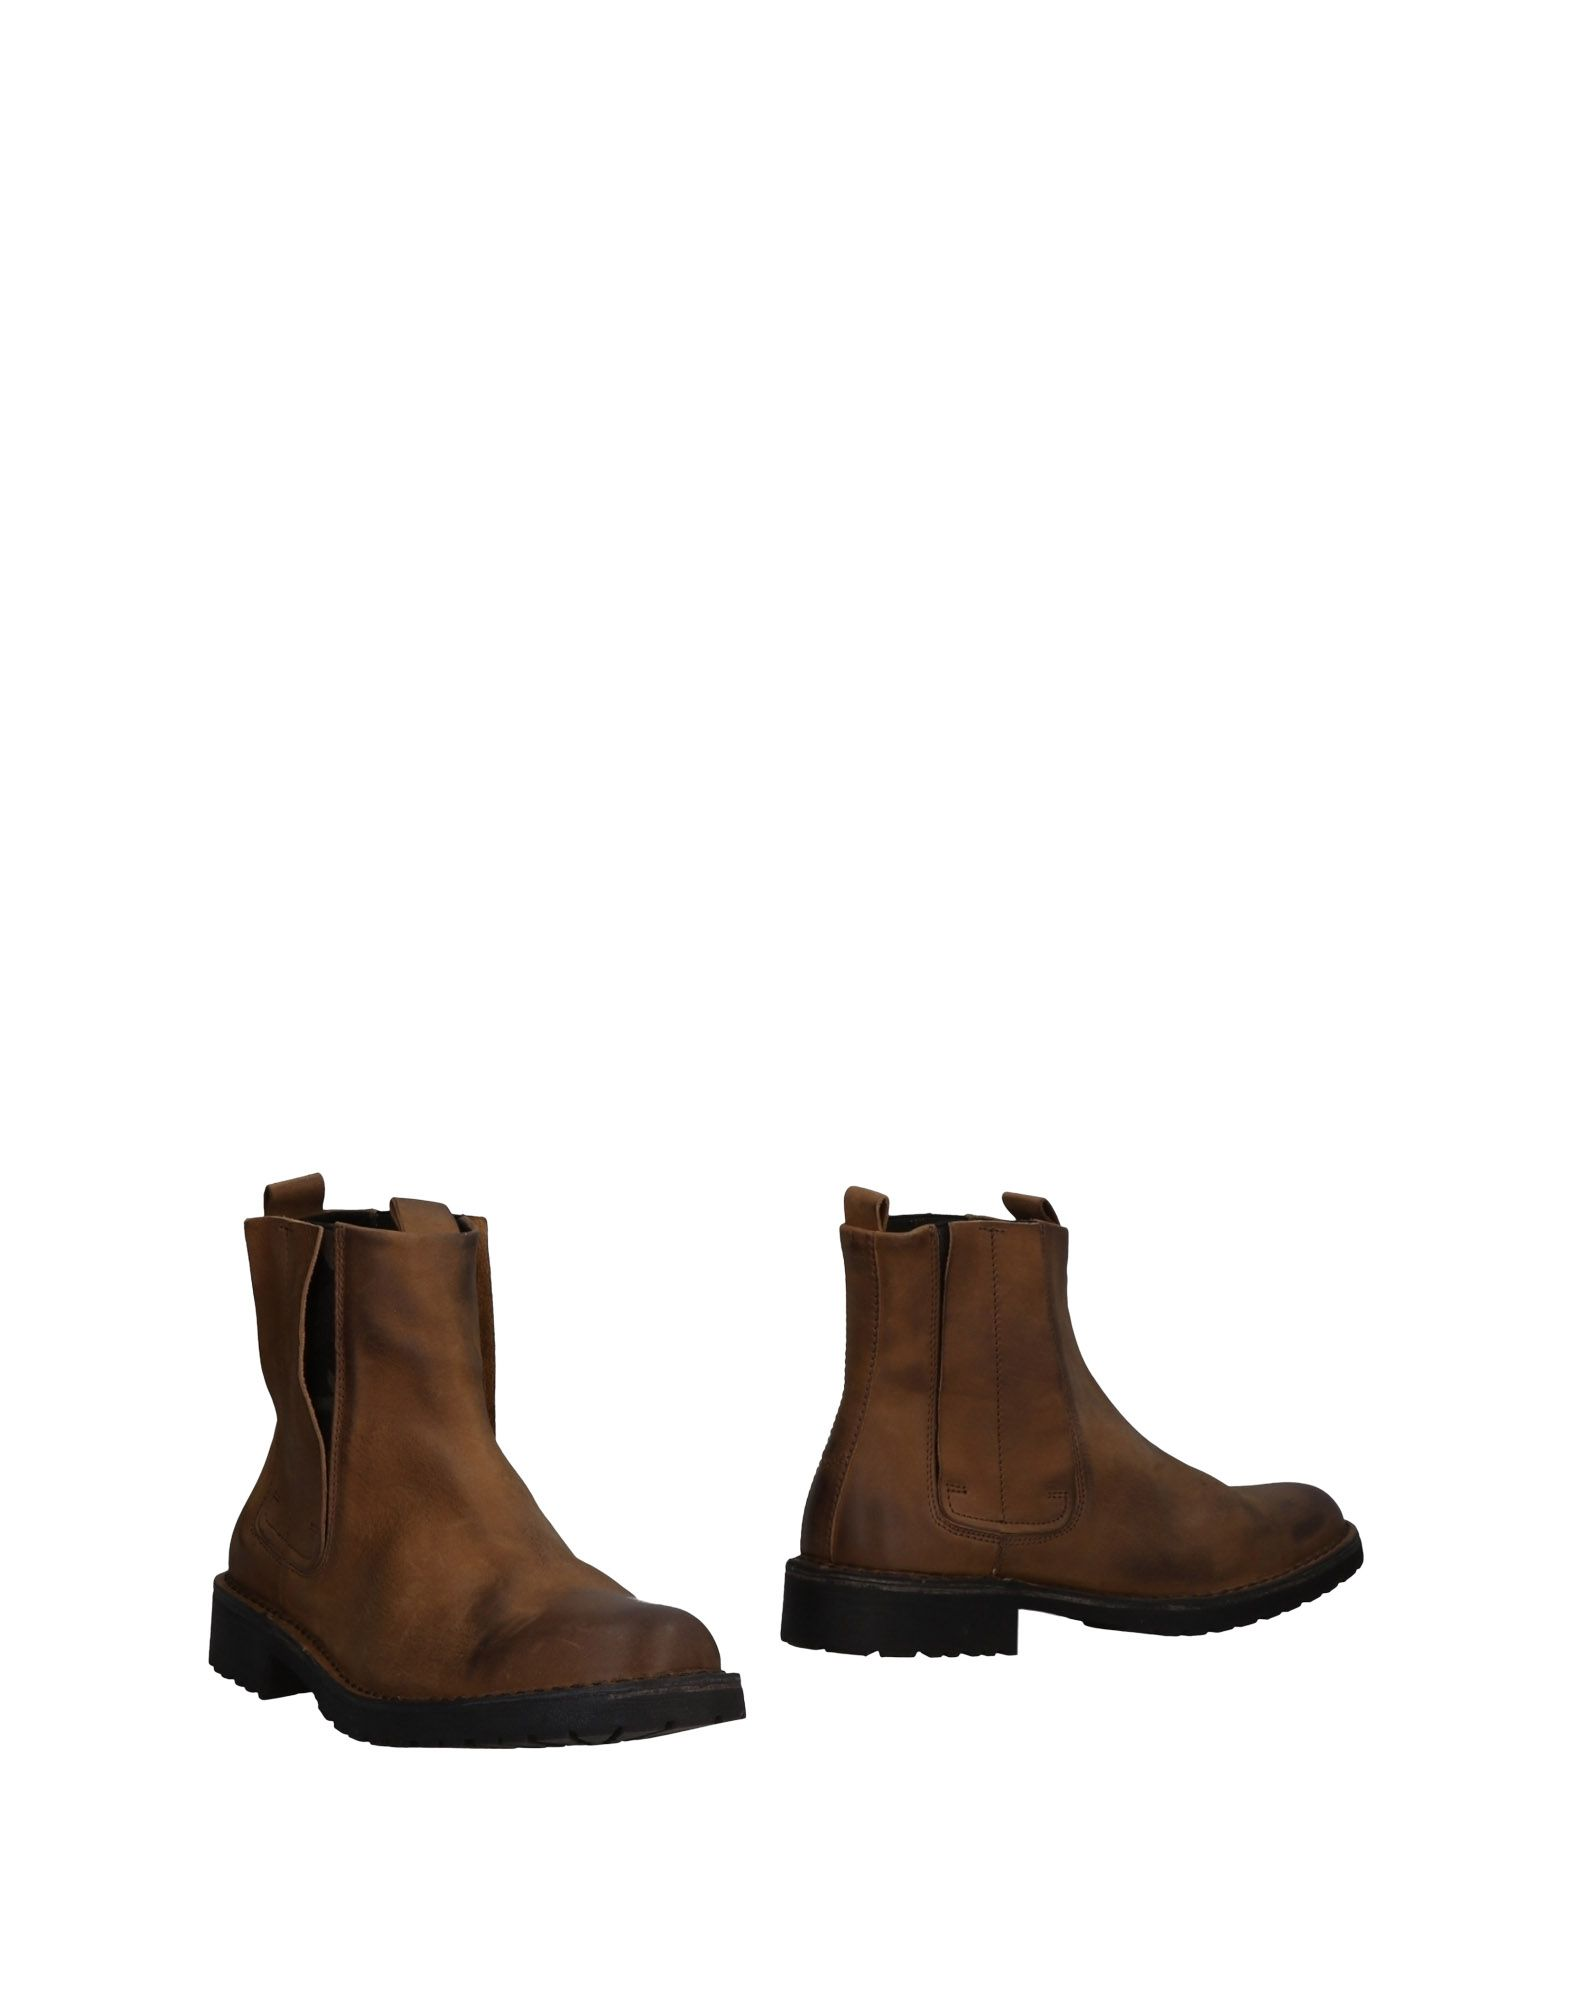 Diesel Stiefelette Herren  11495375UI Gute Qualität beliebte Schuhe